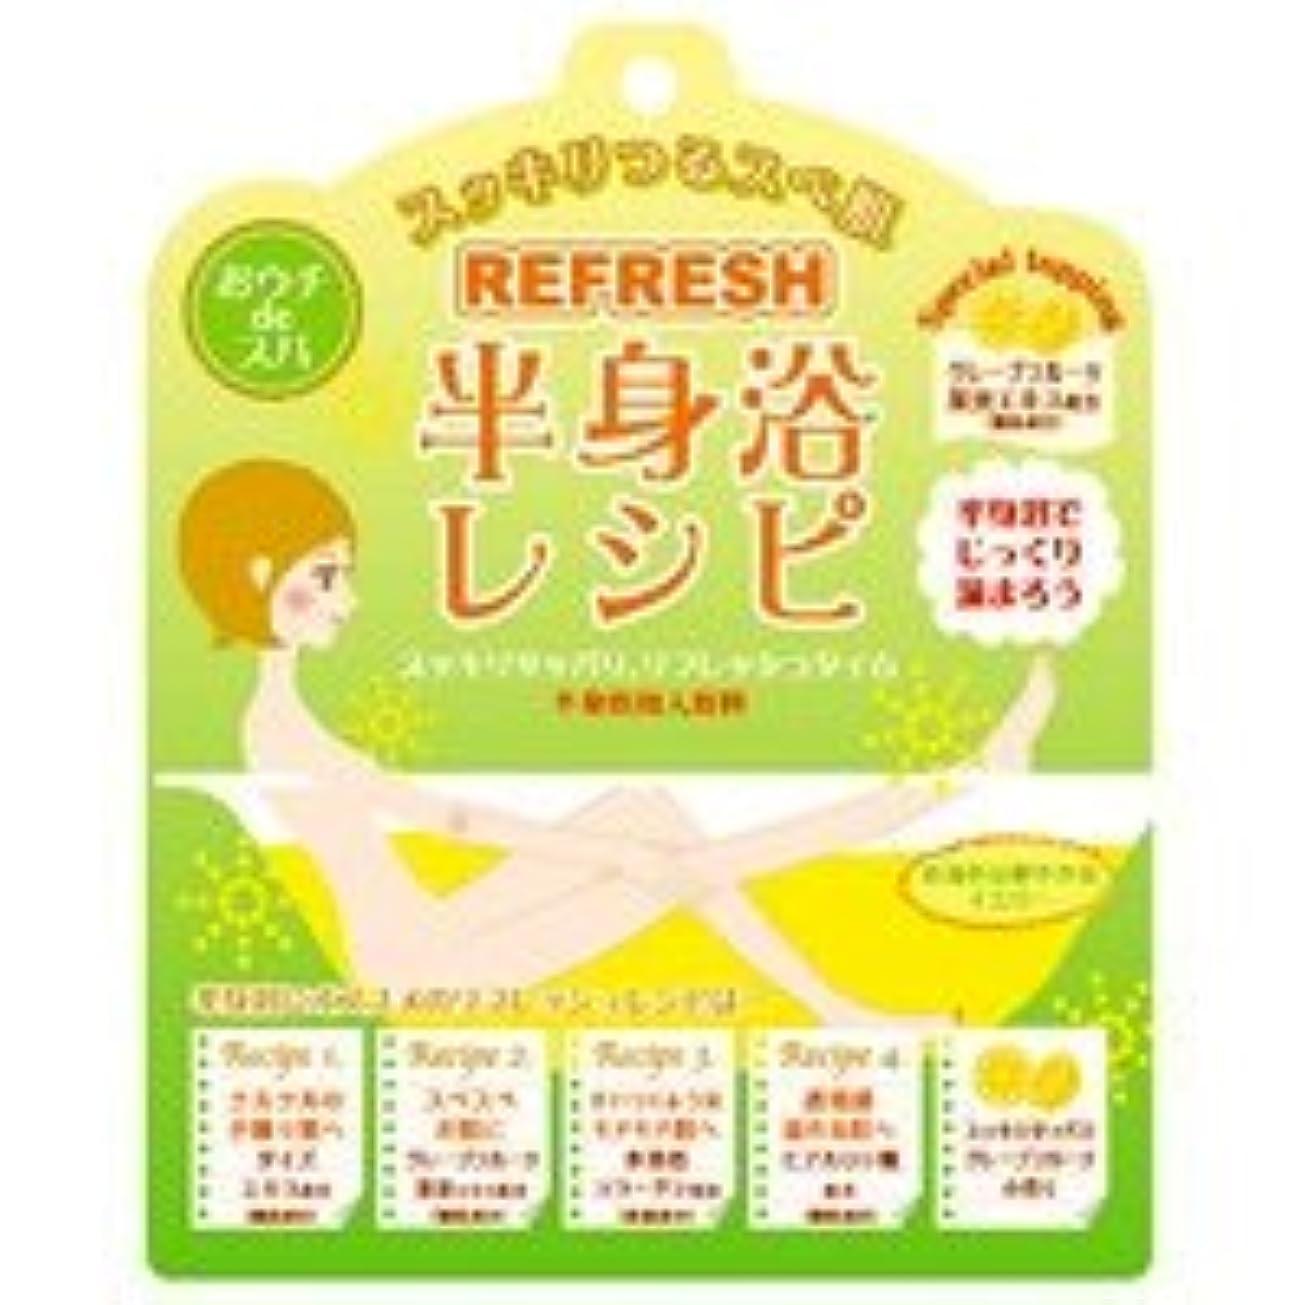 代数的信じる人種半身浴レシピ「リフレッシュレシピ」10個セット クリアイエローのお湯 スッキリサッパリなグレープフルーツの香り